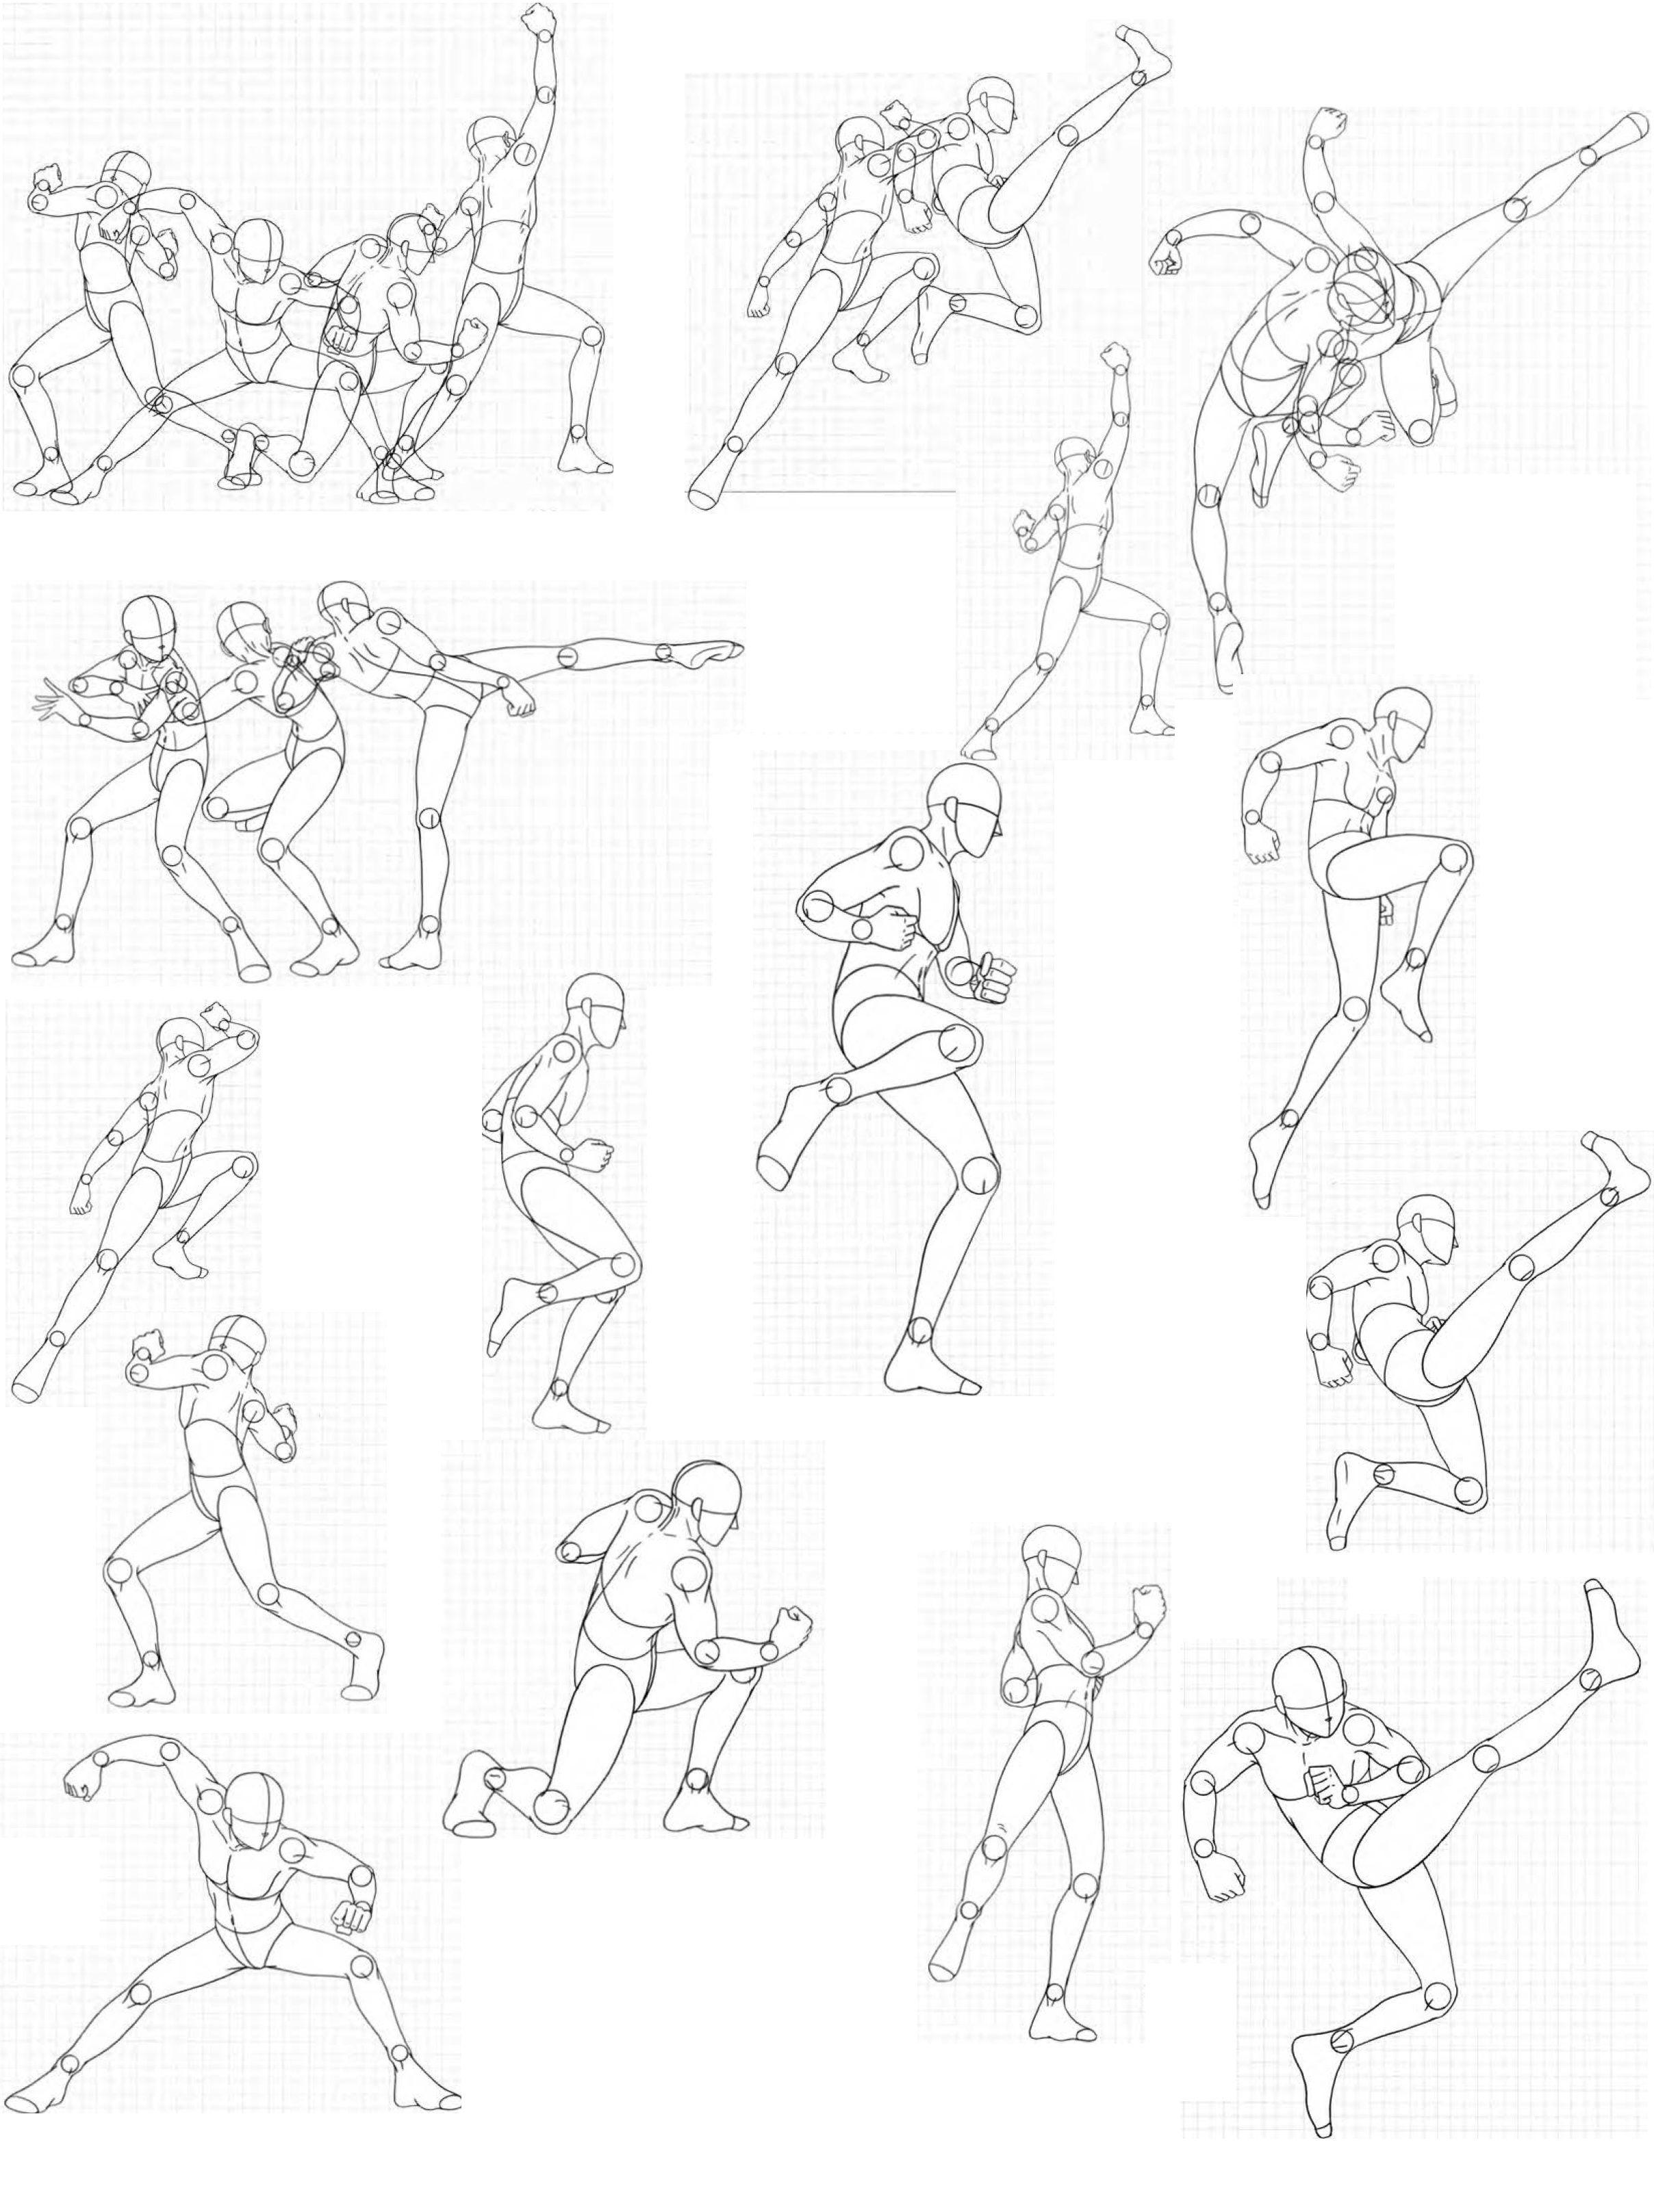 Virgin Bodies 12, by FVSJ on deviantART. >> Action pose